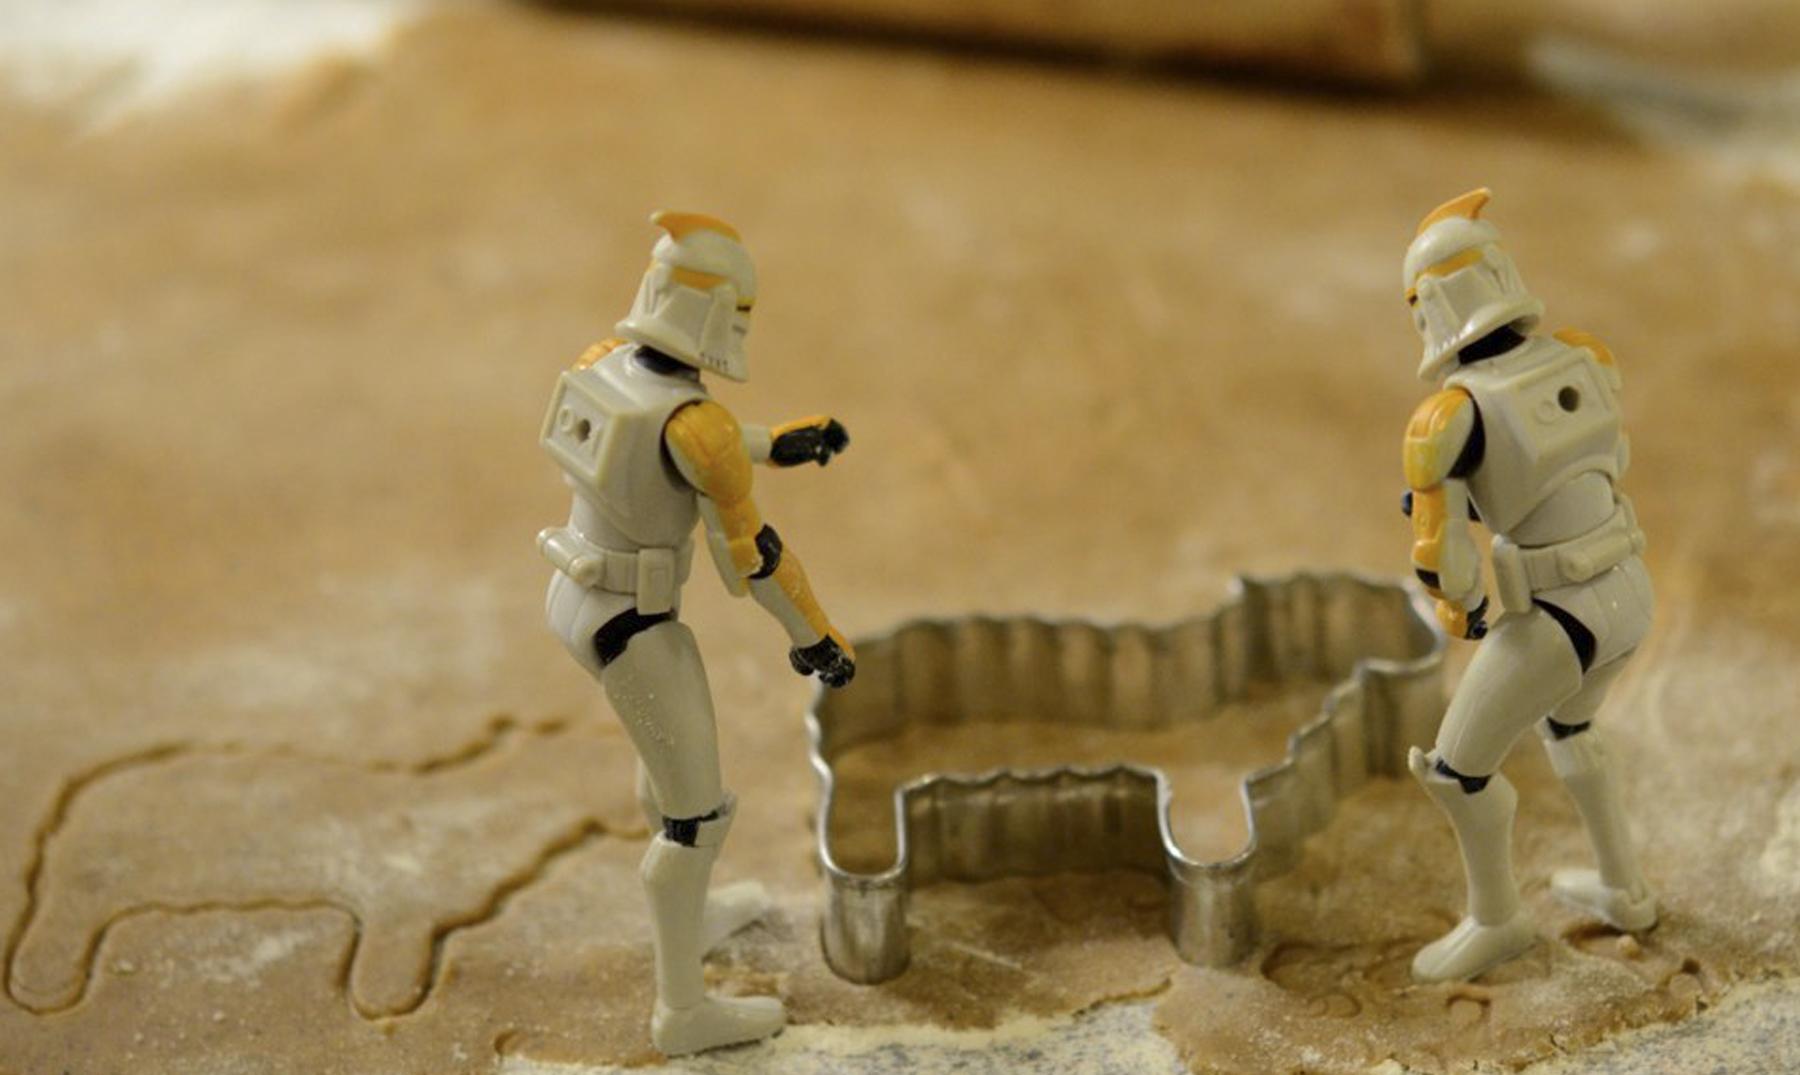 Los humanos practican la clonación desde hace miles de años